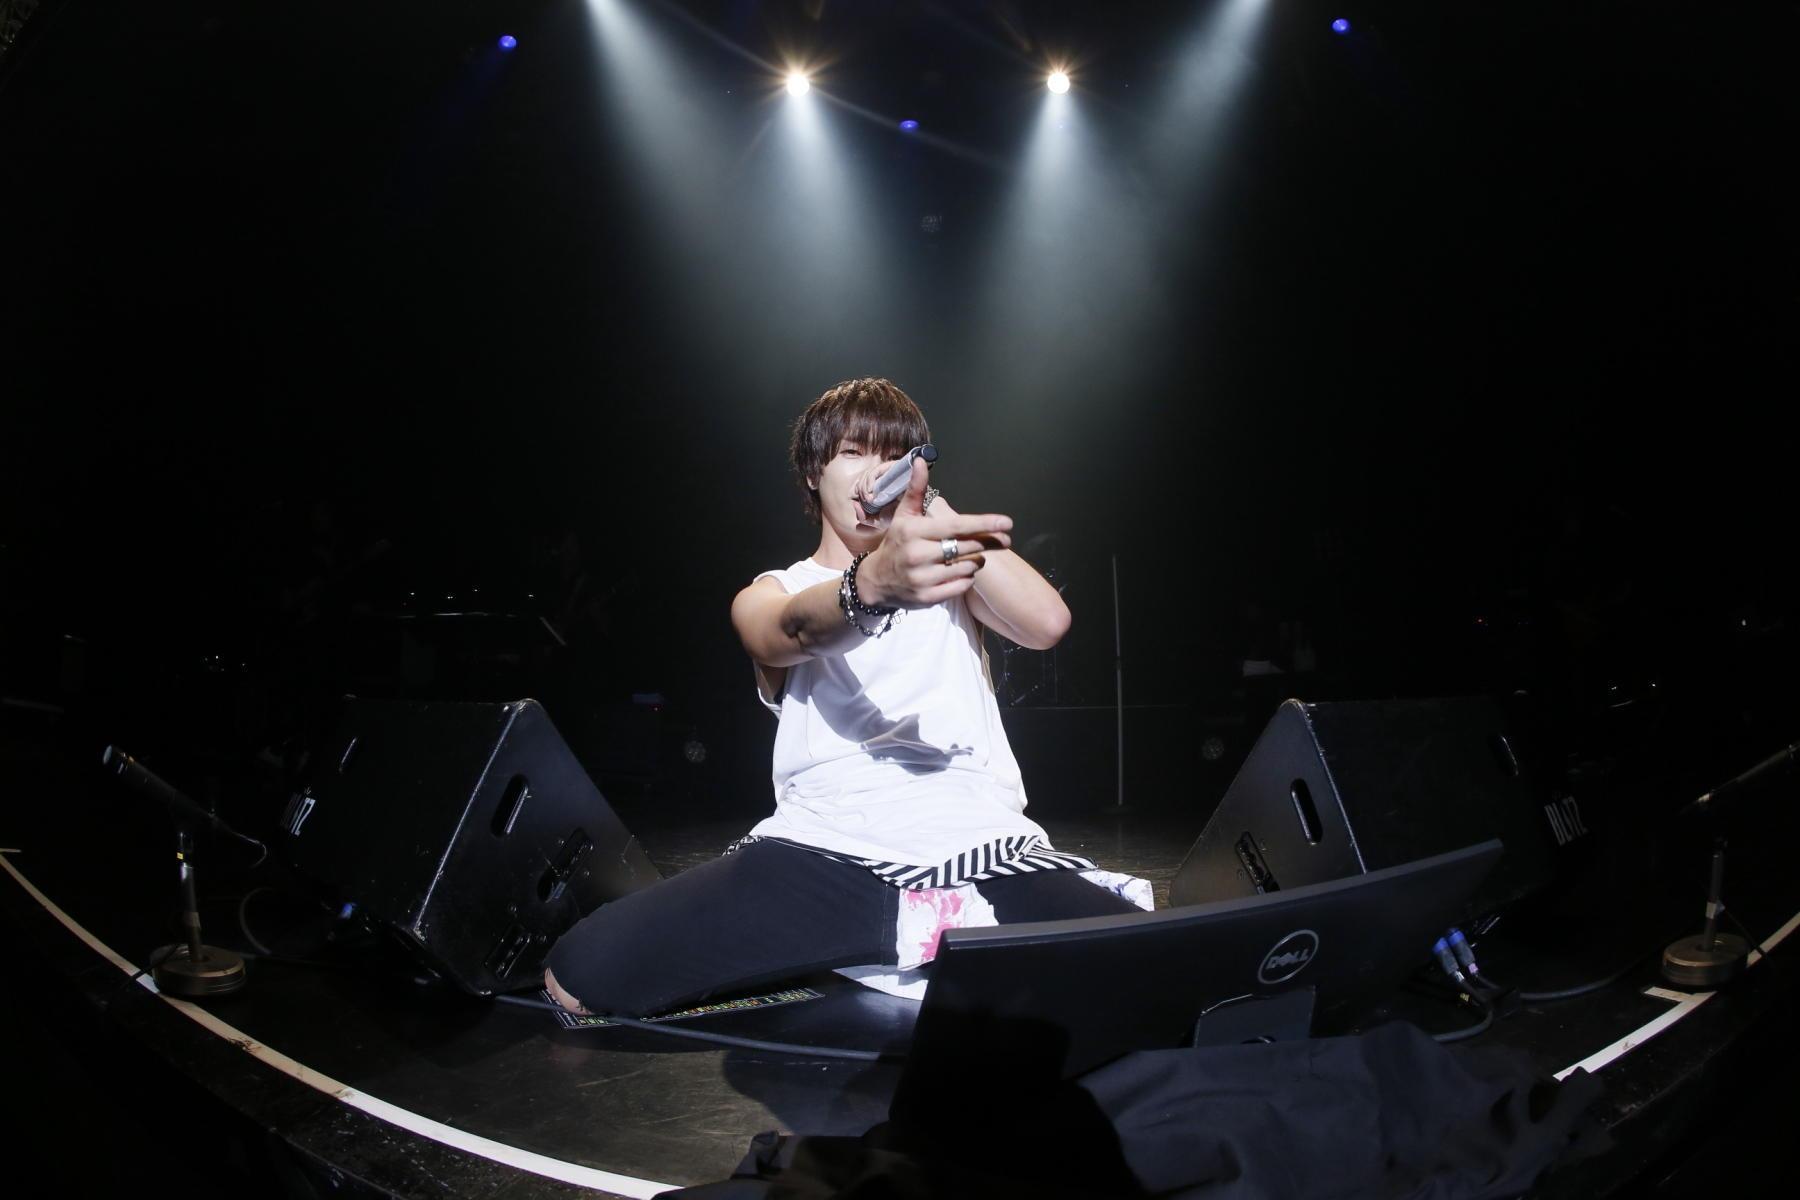 http://news.yoshimoto.co.jp/20160830205759-c43aa5cbdc838bd5981c6697d4b2e03ecc4d8461.jpg